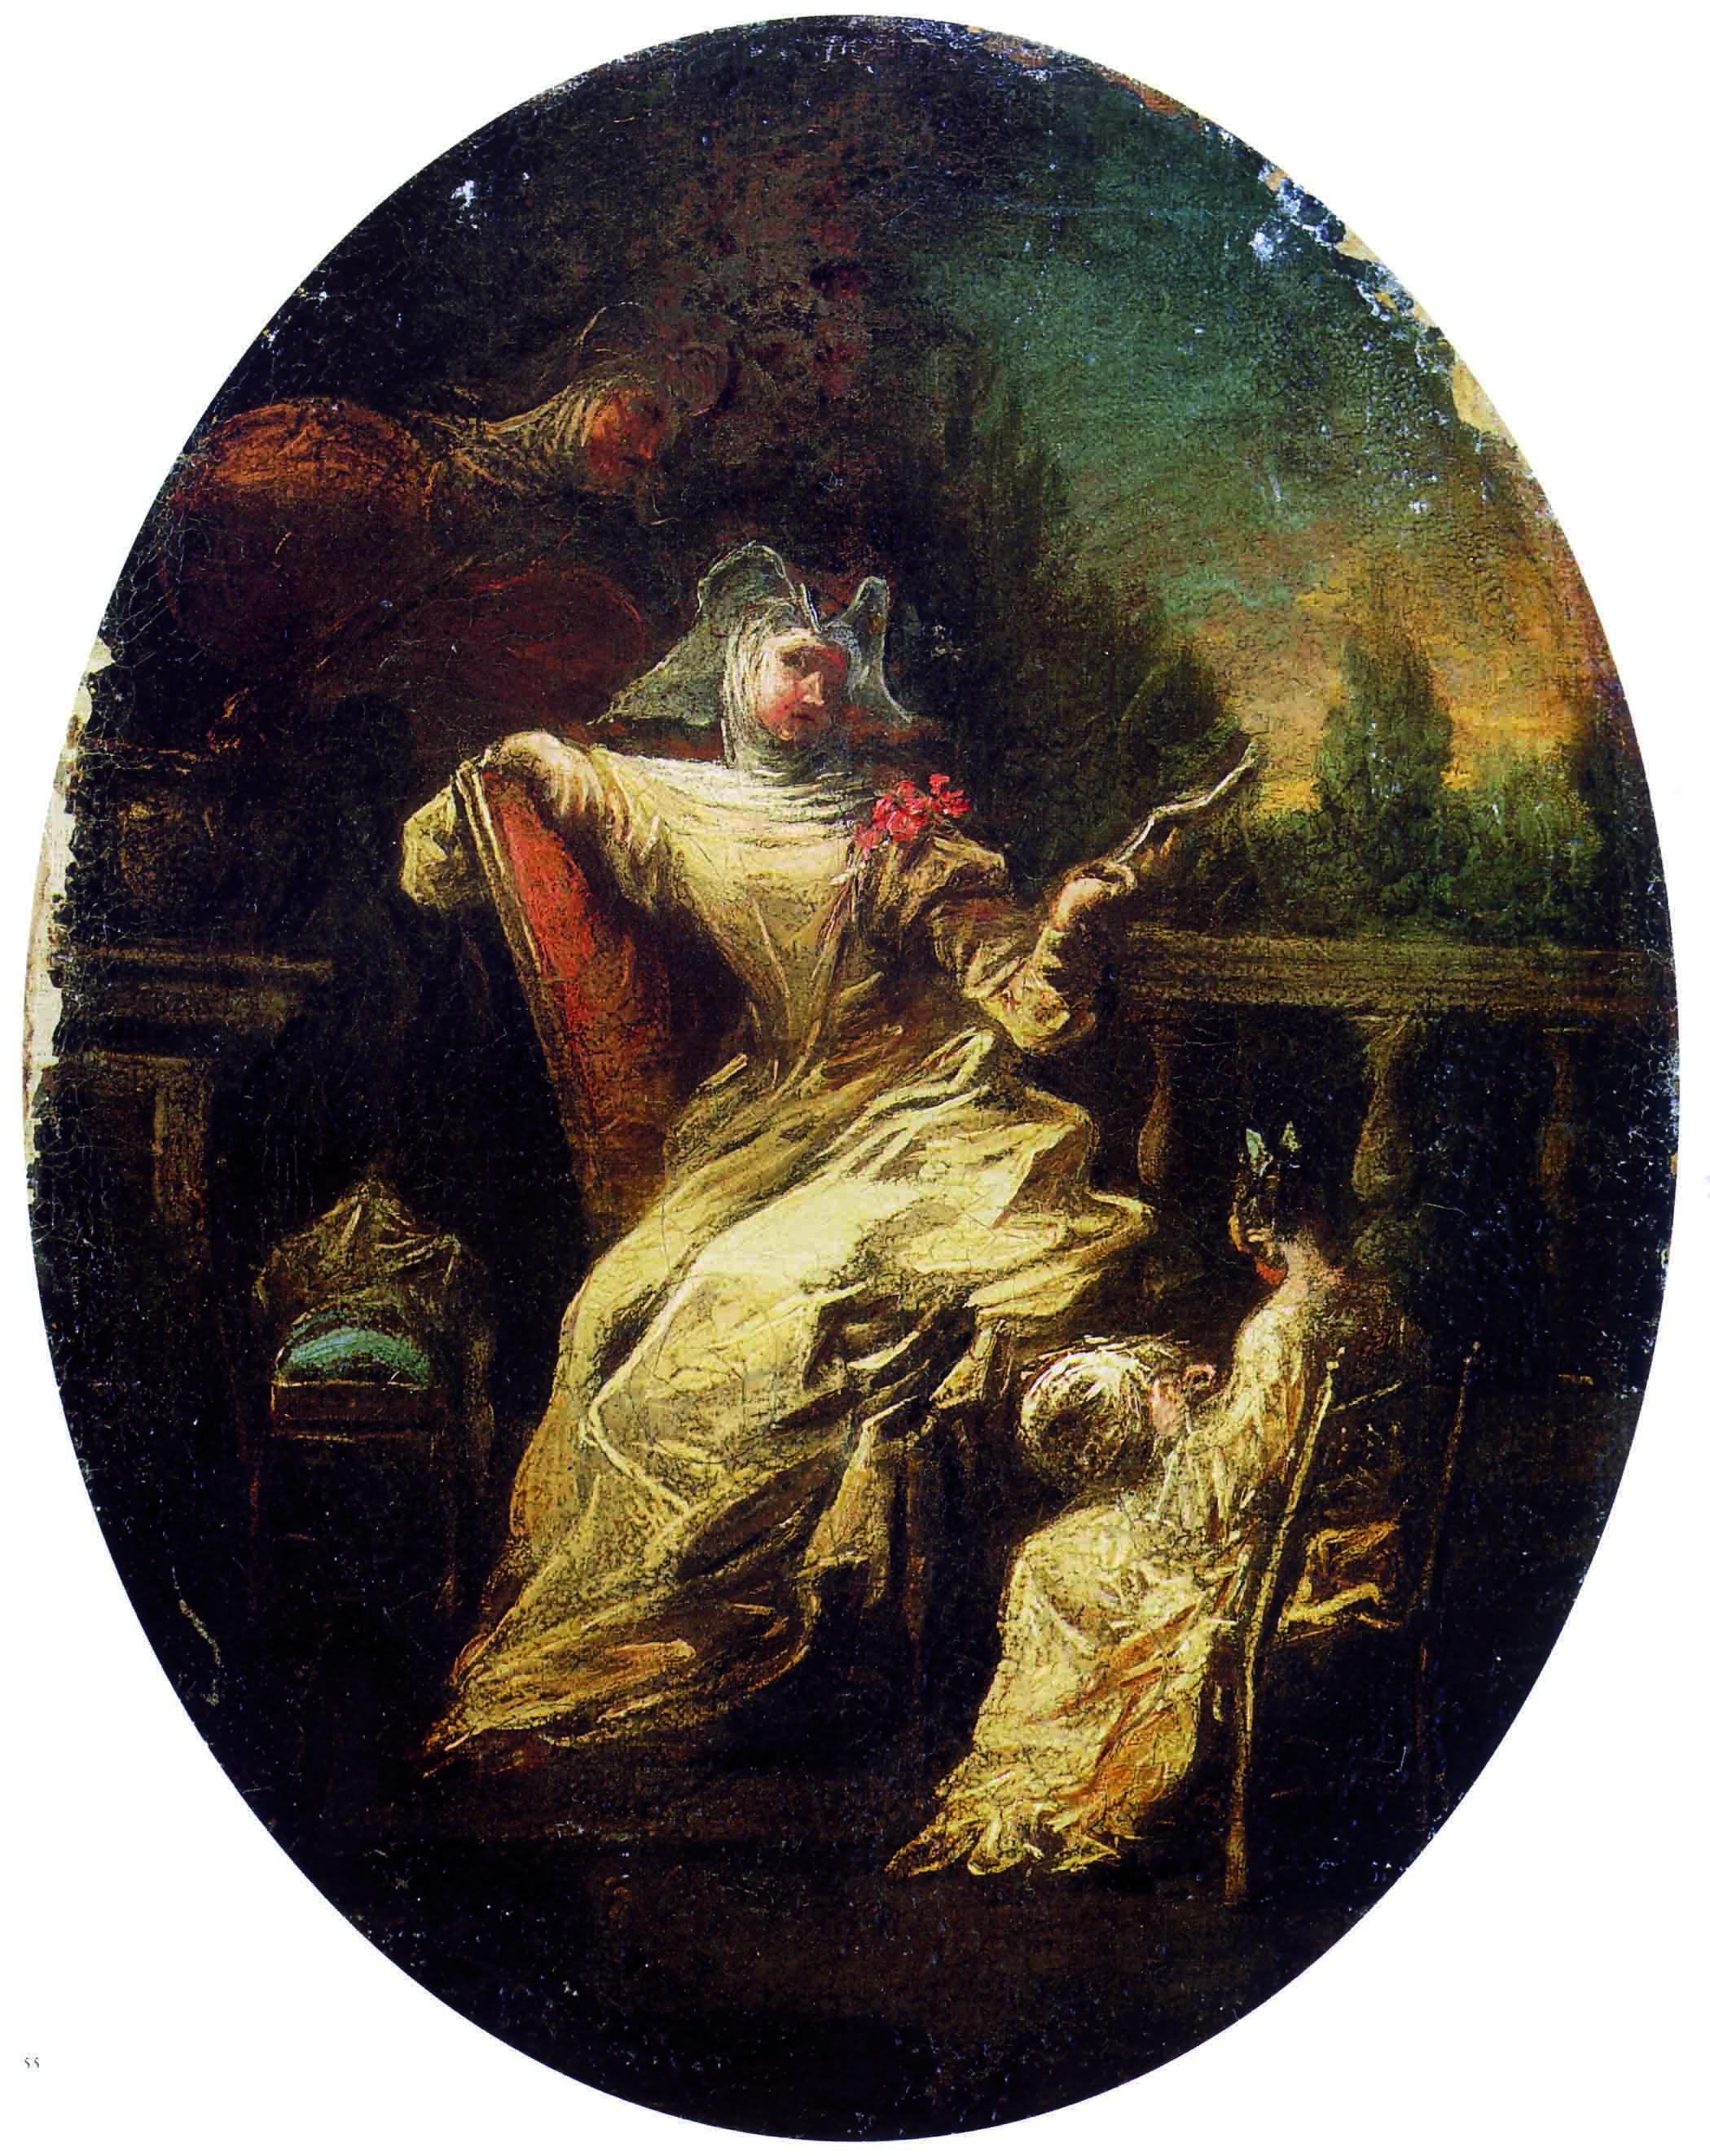 Alessandro Magnasco, Monache in giardino, 1740-45. L'atteggiamento languido della monaca discinta, adagiata in modo scomposto su  una sedia, non è molto lontano da quello della cortigiana più disinibita